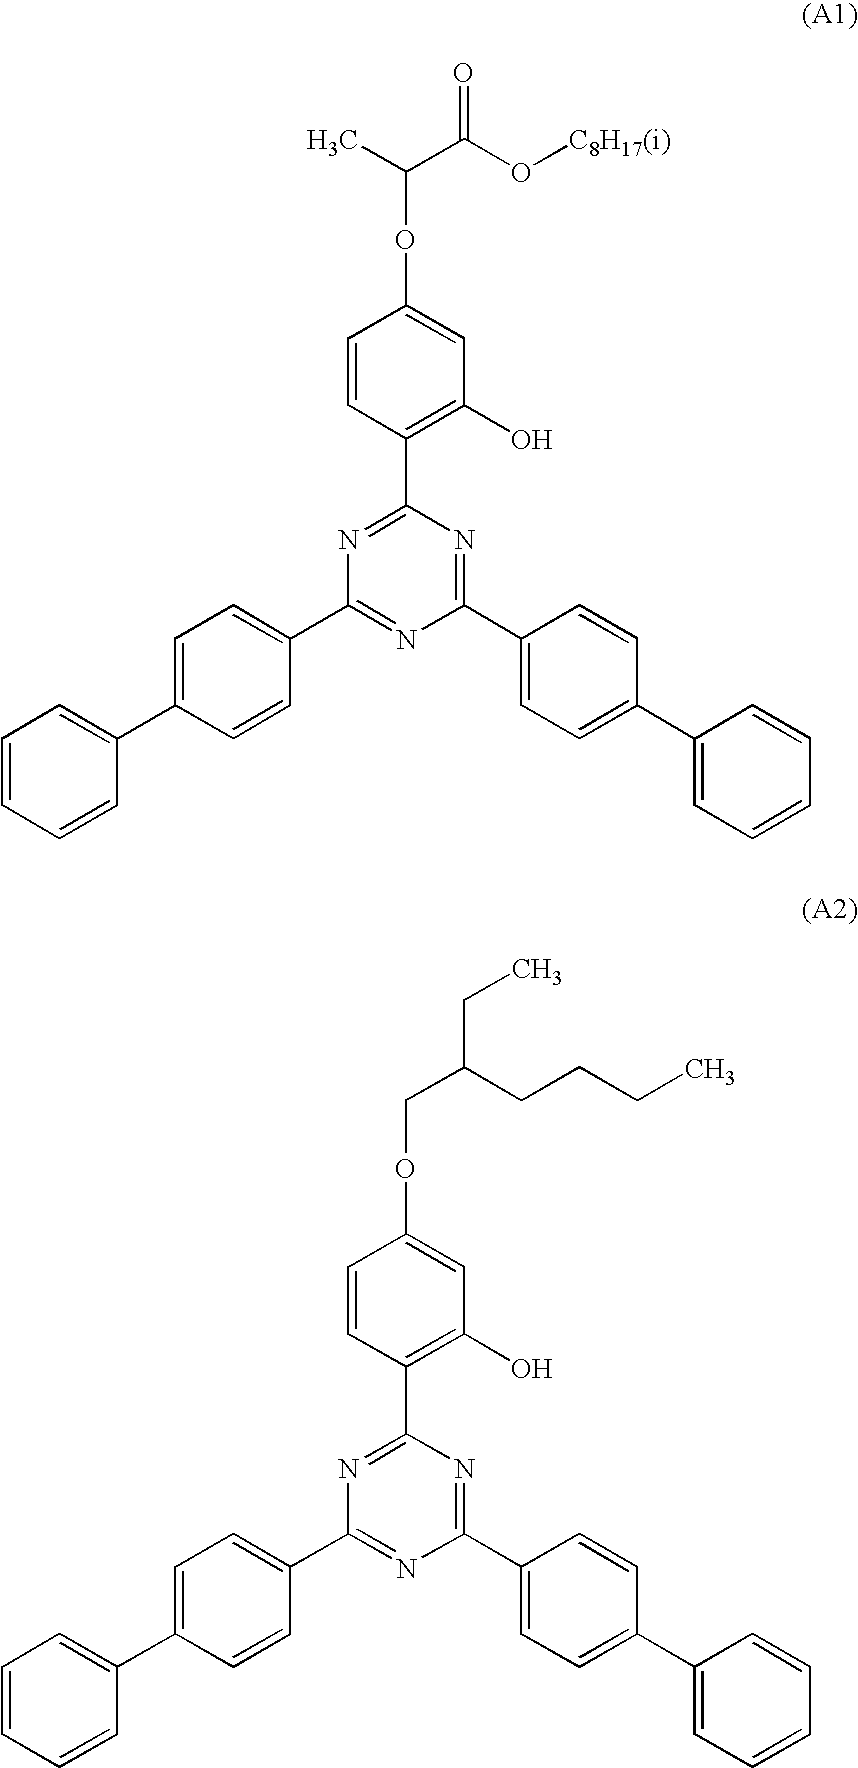 Figure US20060052491A1-20060309-C00021